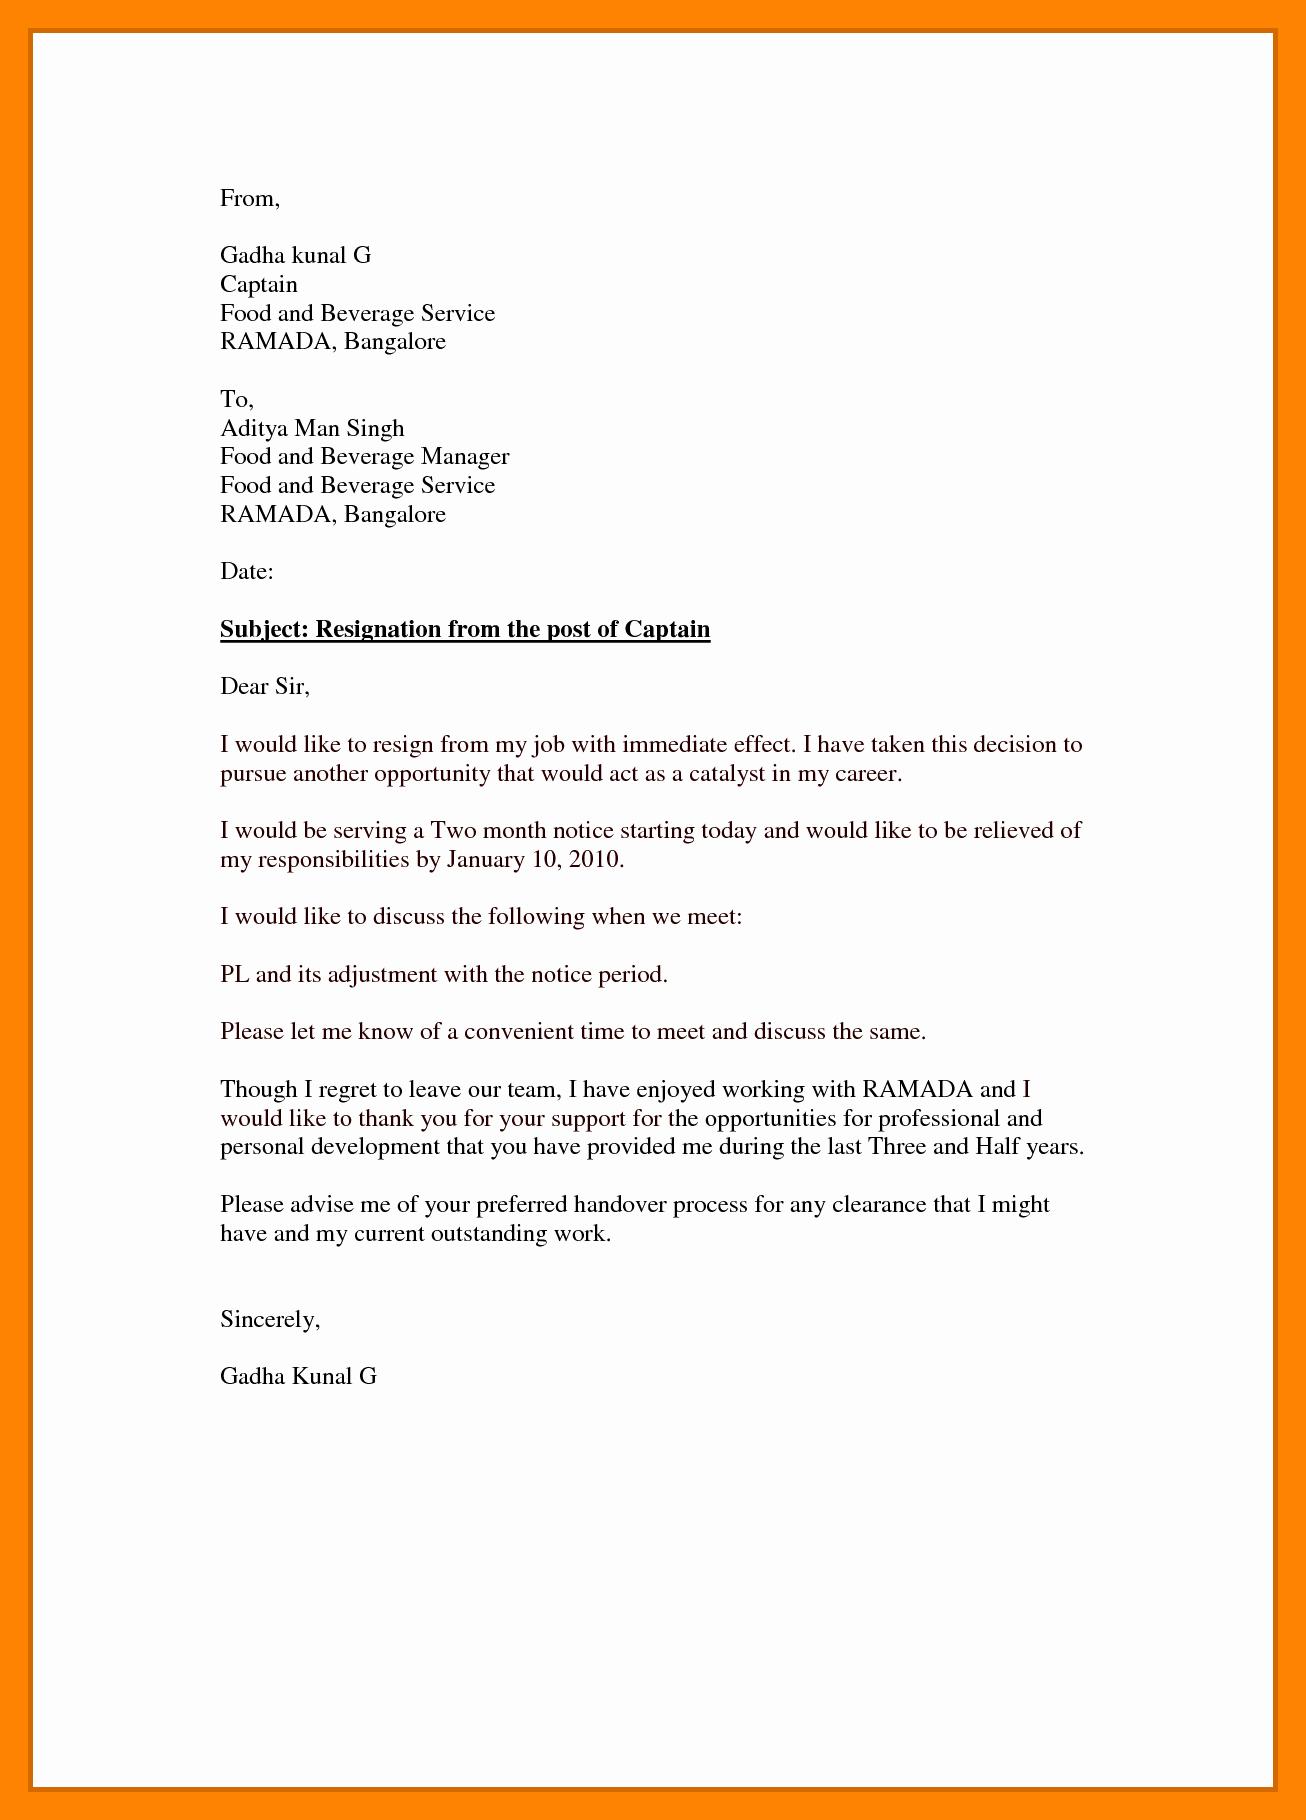 Resignation Letter Effective Immediately Inspirational 5 Resignation Letter Samples Effective Immediately